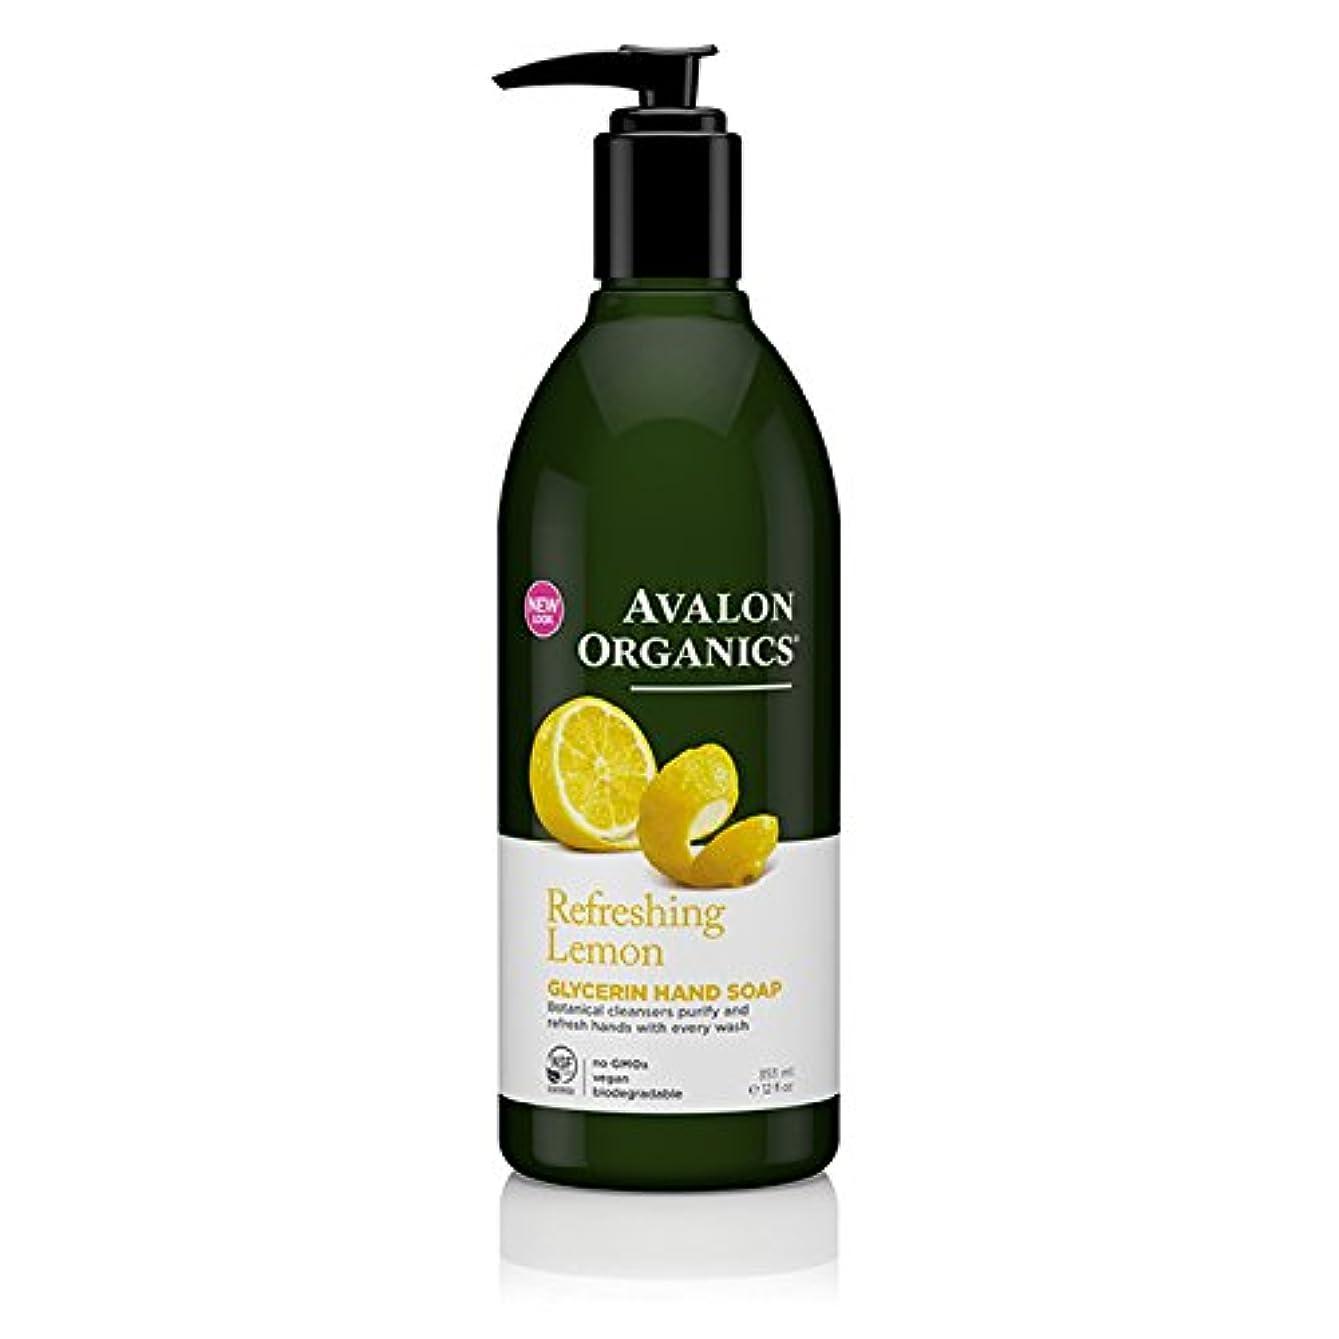 ナプキンさせるゲージAVALON ORGANICS アバロンオーガニクス ハンドソープ レモン 355ml